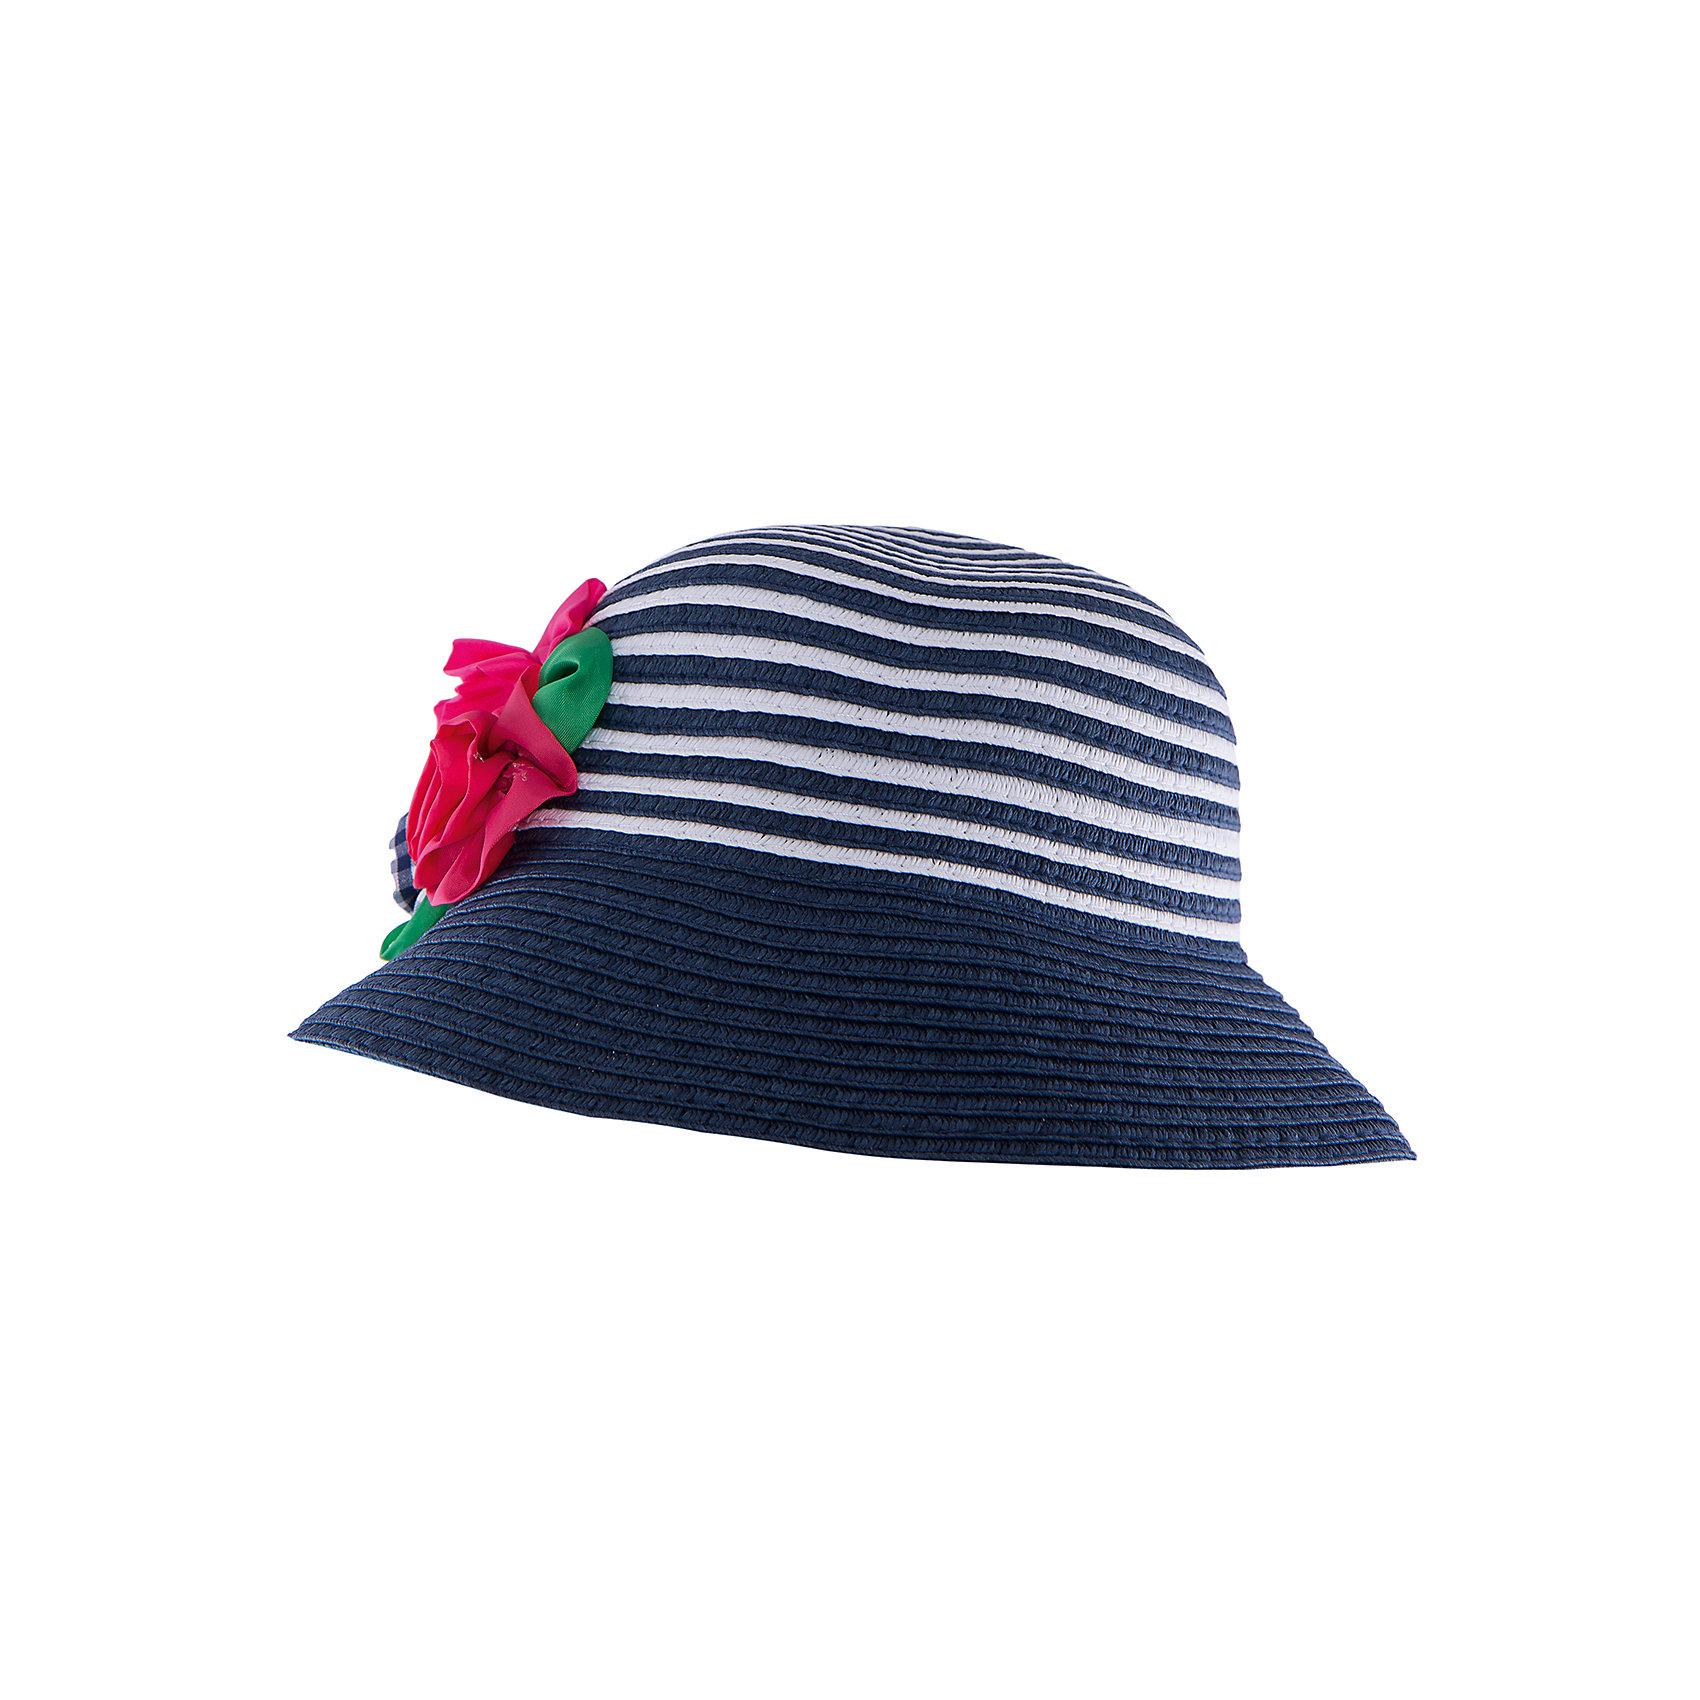 Шляпа для девочки MayoralШляпа для девочки от известной марки Mayoral<br><br>Удобная шляпа дополнит образ девочки и убережет голову от перегрева в новом весенне-летнем сезоне. Эта модель разработала специально для девочек. Сделана она из легкого, но прочного материала, украшена текстильными цветами.<br><br>Особенности модели:<br><br>- цвет: белый, синий;<br>- в полоску;<br>- легкий материал;<br>- края опущены;<br>- декорирована цветами;<br>- глубокая посадка.<br><br>Дополнительная информация:<br><br>Состав: 100% бумага<br> <br>Шляпу для девочки от Mayoral (Майорал) можно купить в нашем магазине.<br><br>Ширина мм: 89<br>Глубина мм: 117<br>Высота мм: 44<br>Вес г: 155<br>Цвет: синий<br>Возраст от месяцев: 24<br>Возраст до месяцев: 36<br>Пол: Женский<br>Возраст: Детский<br>Размер: 50,52,54<br>SKU: 4539259